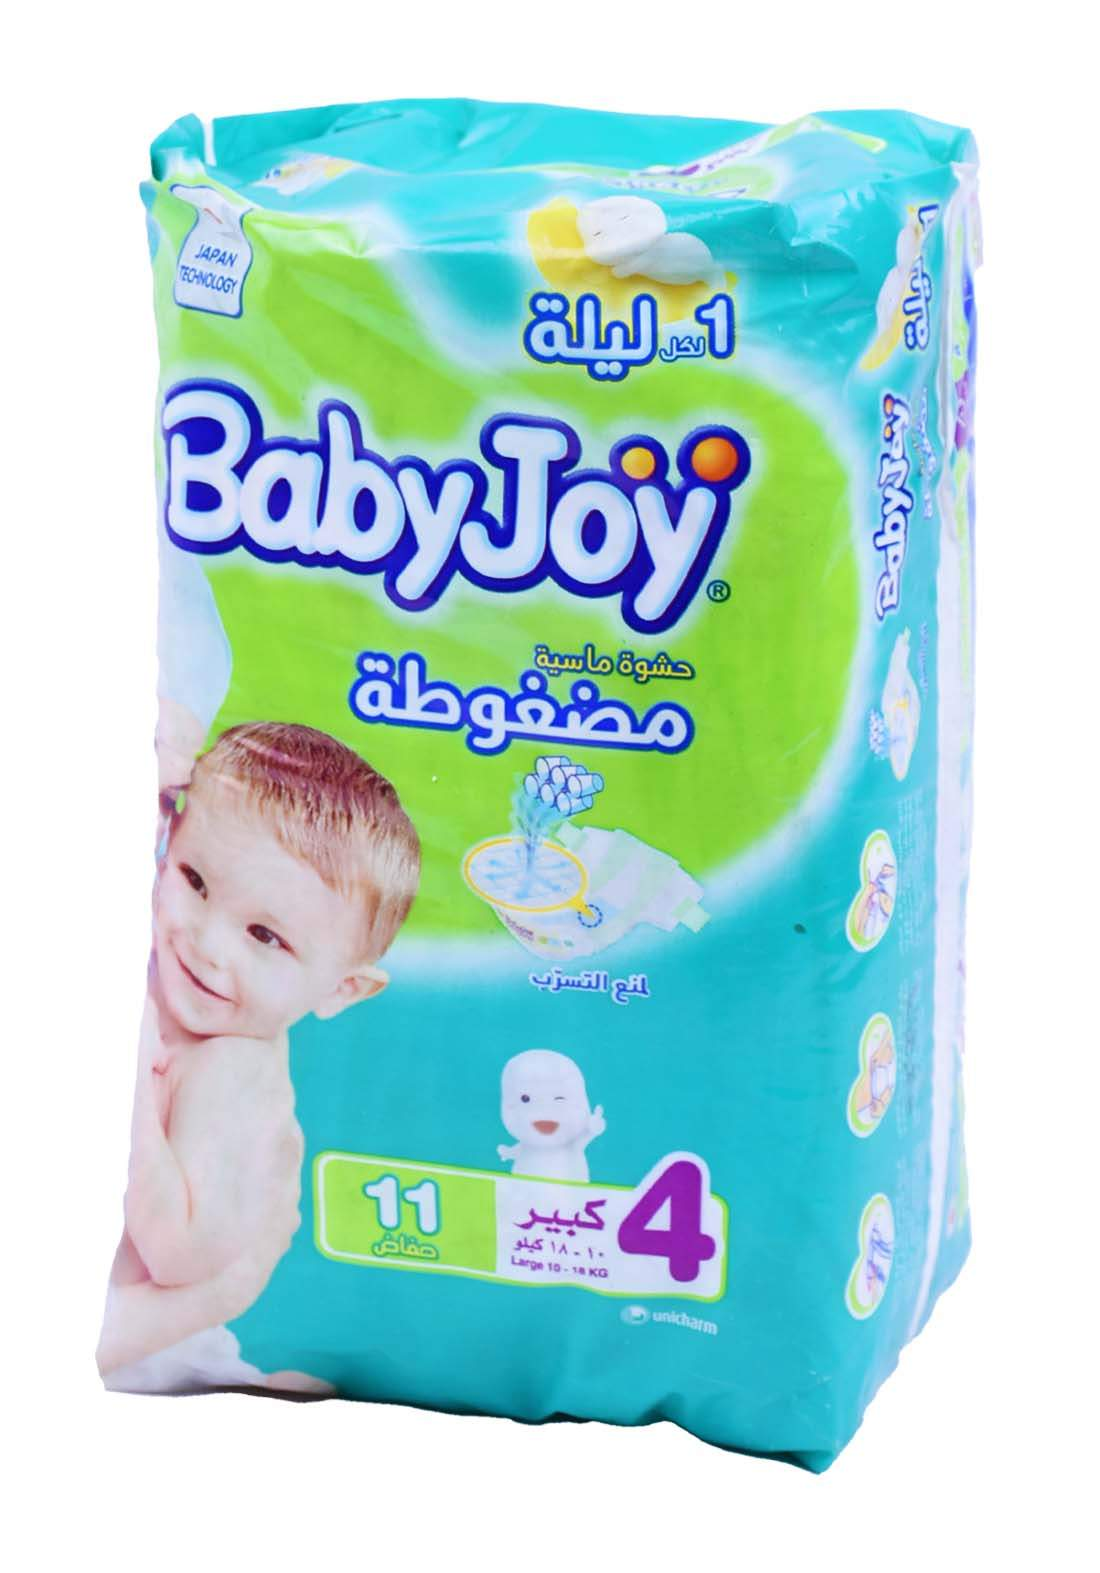 BabyJoy 10-18 Kg 11 Pcs حفاضات بيبي جوي للاطفال عادي رقم 4